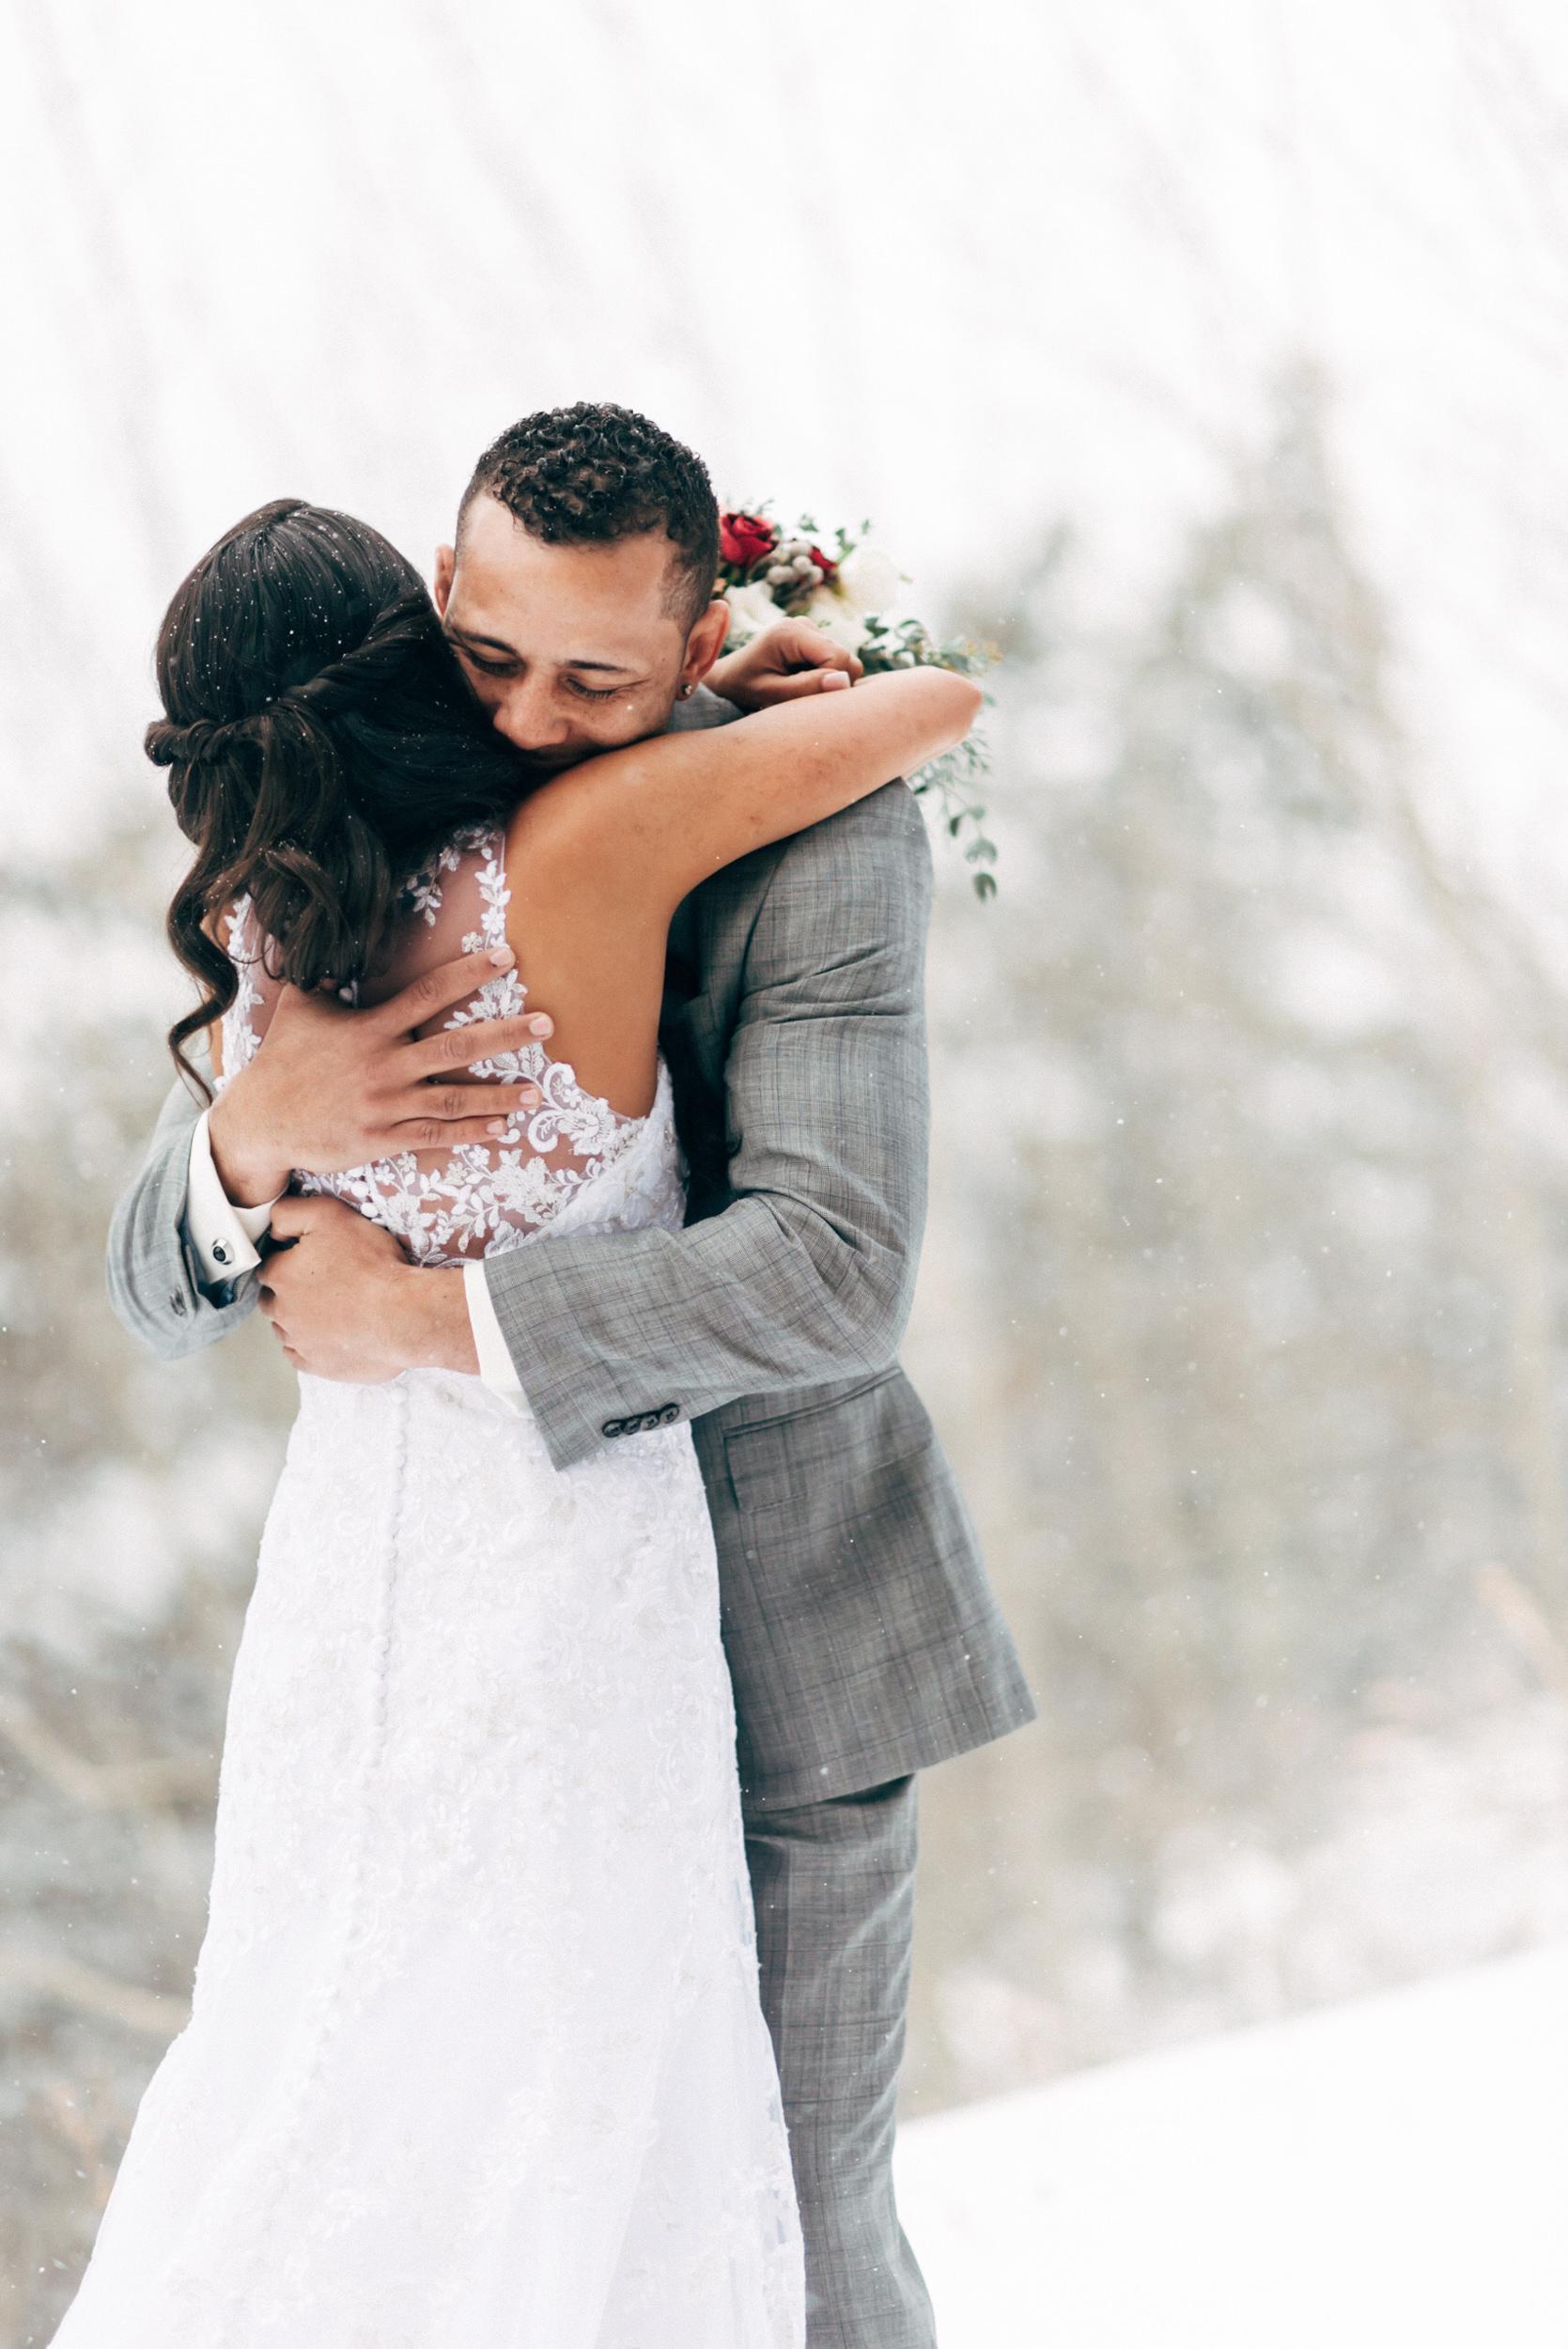 Love on the Mountain in Breckenridge, Colorado wedding. Colorado wedding photographer.